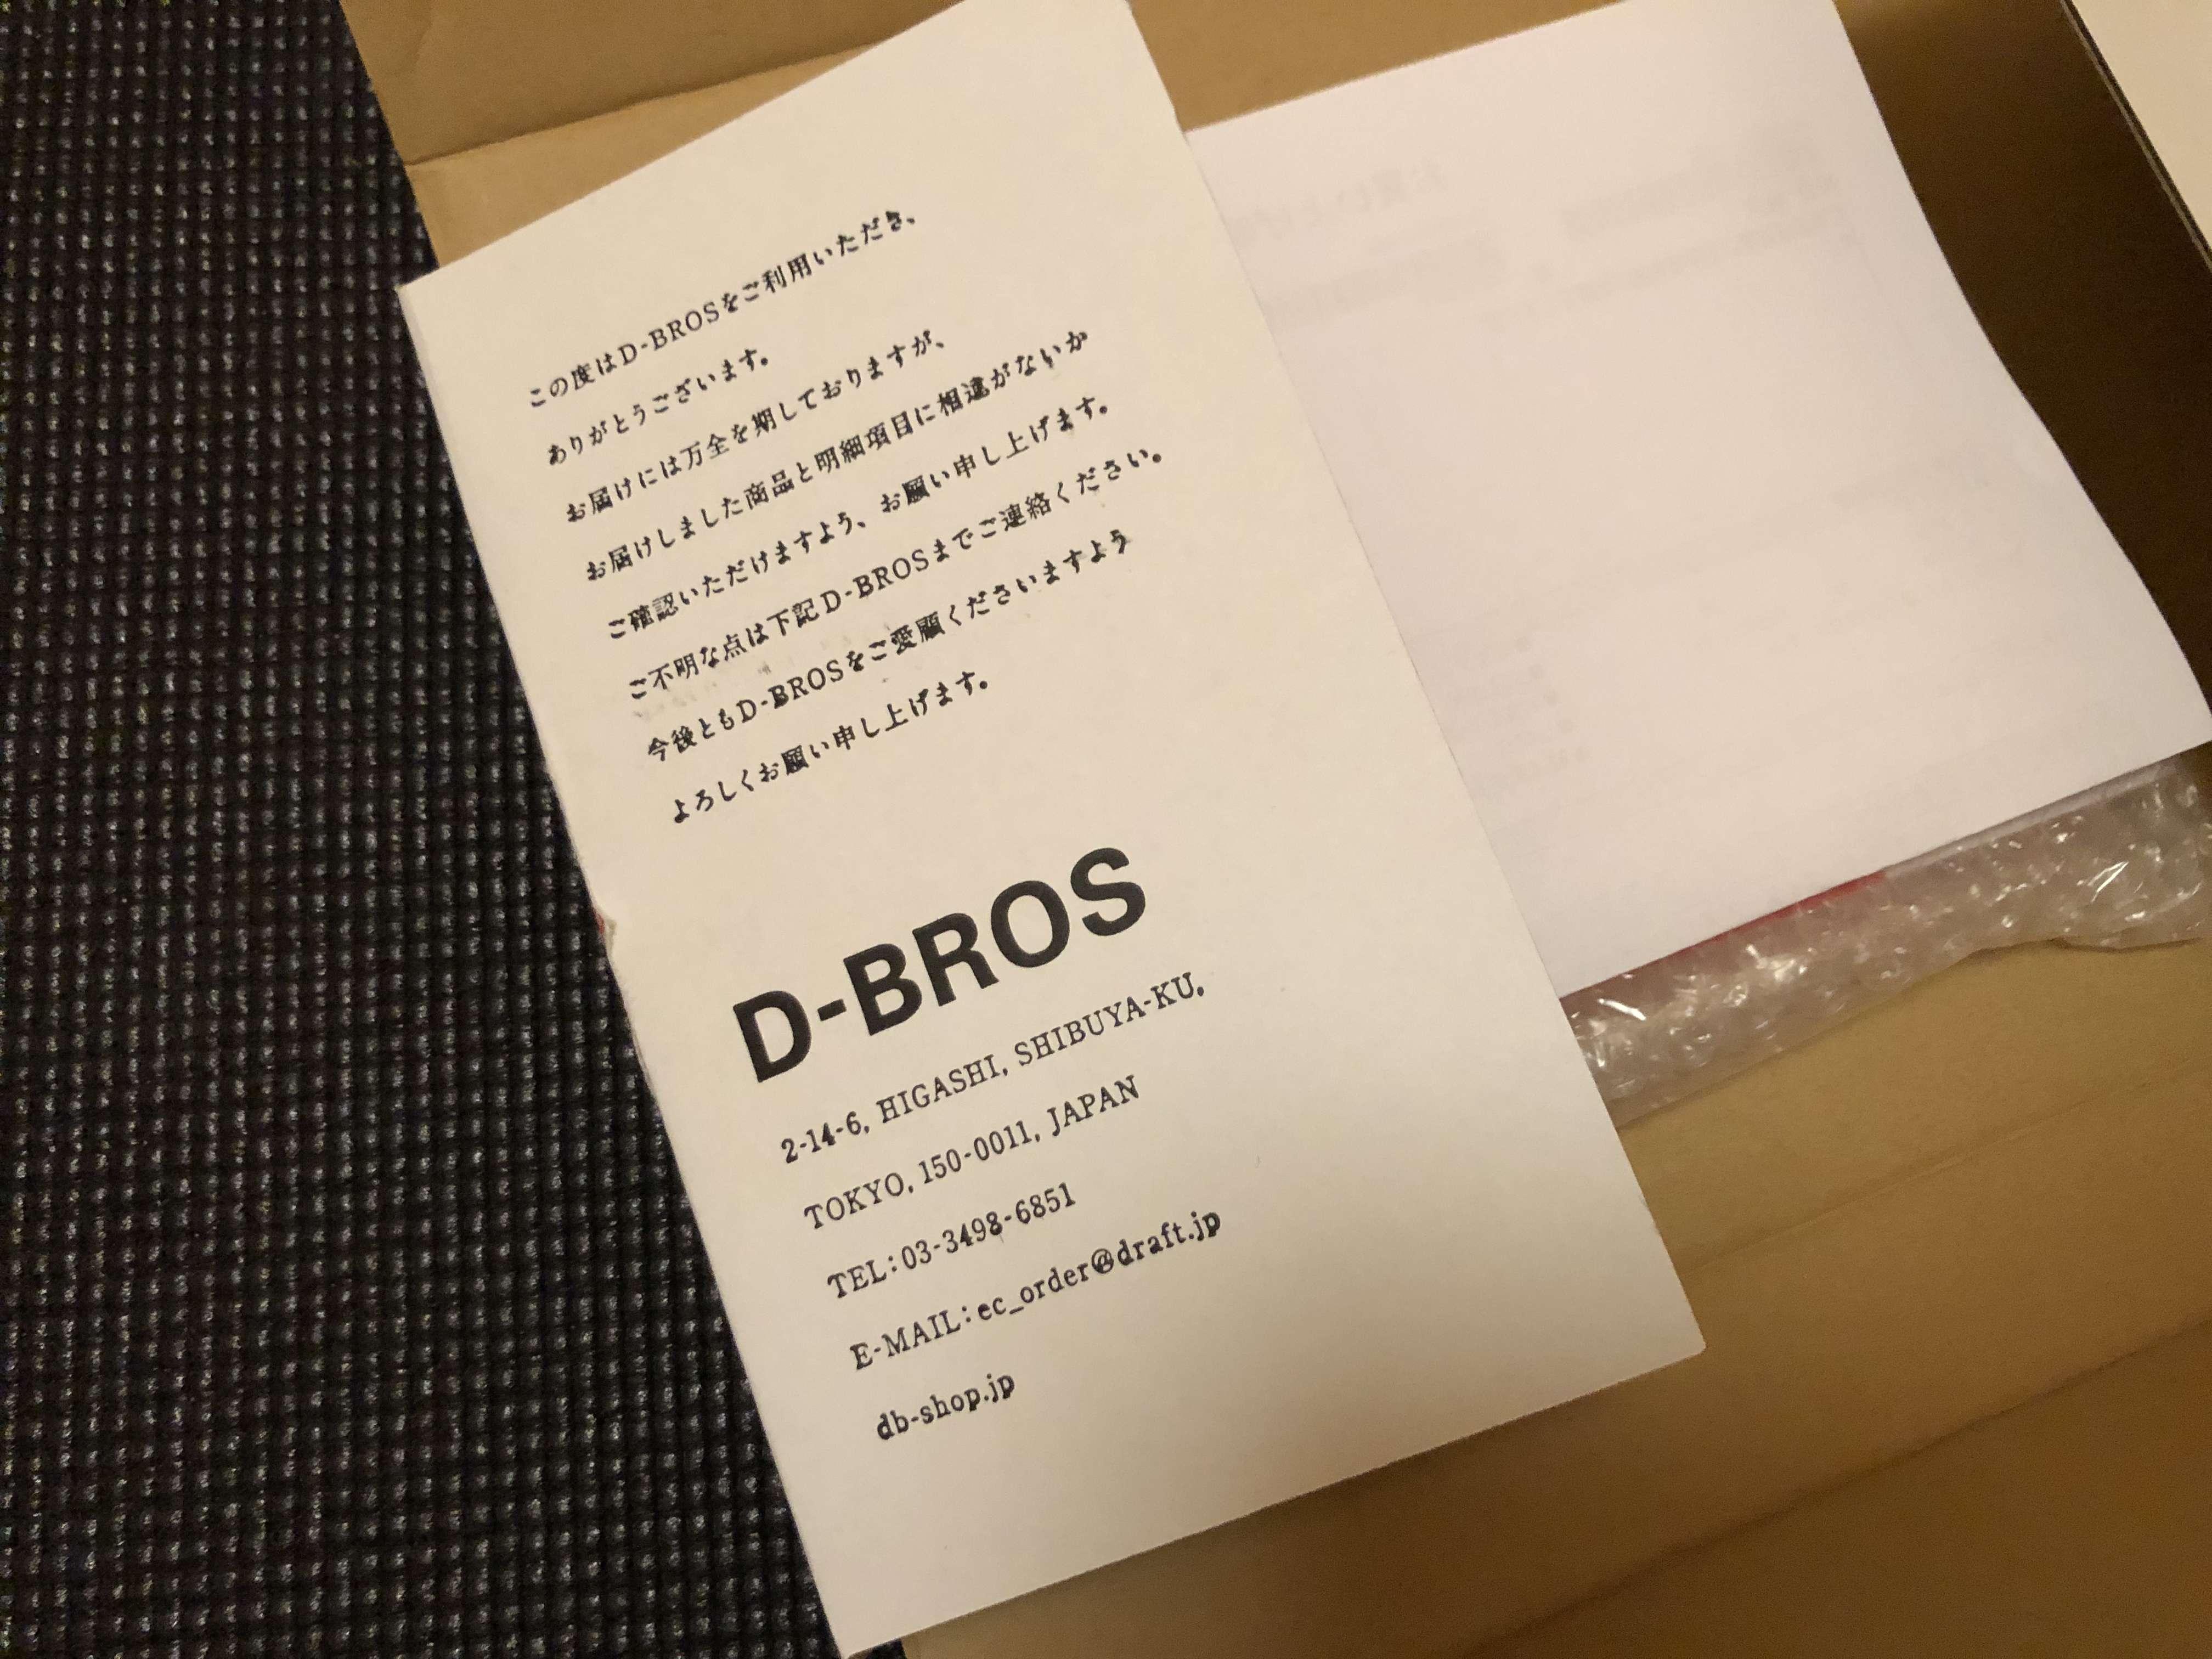 クリエイターズダイアリー 2019 活用 使い方 取扱店 d-bros ロフト 感想